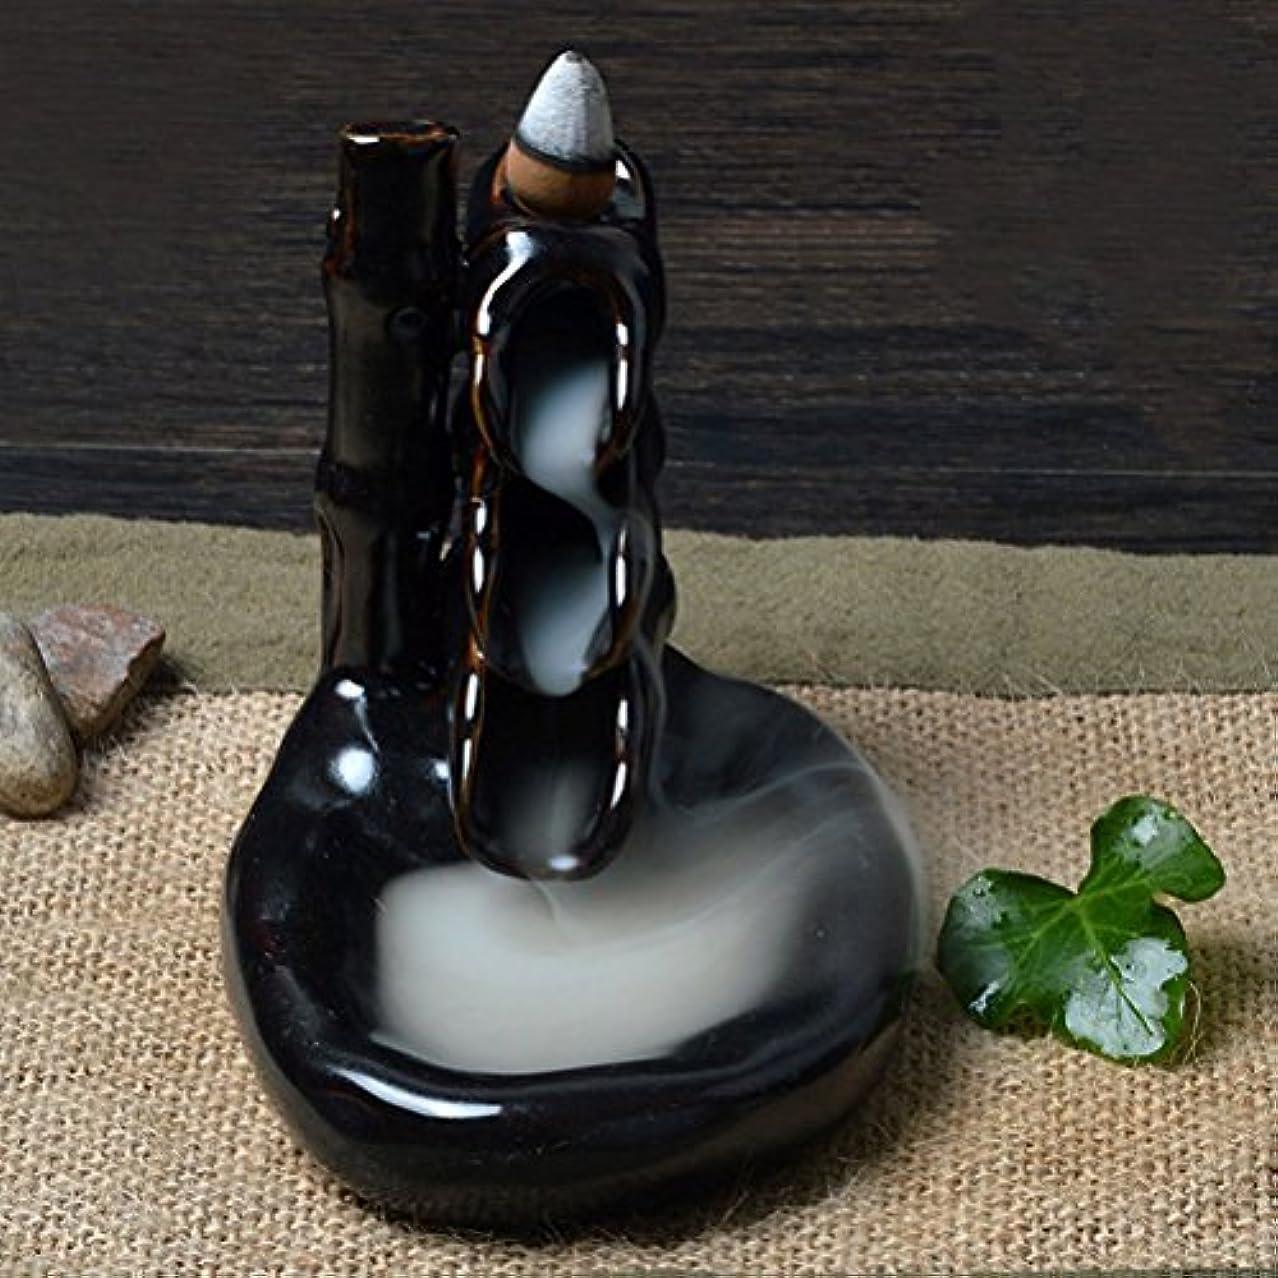 飲み込む飲み込む適応Rosenice 香炉お香バーナー セラミック釉線香煙逆流タワー ホルダー